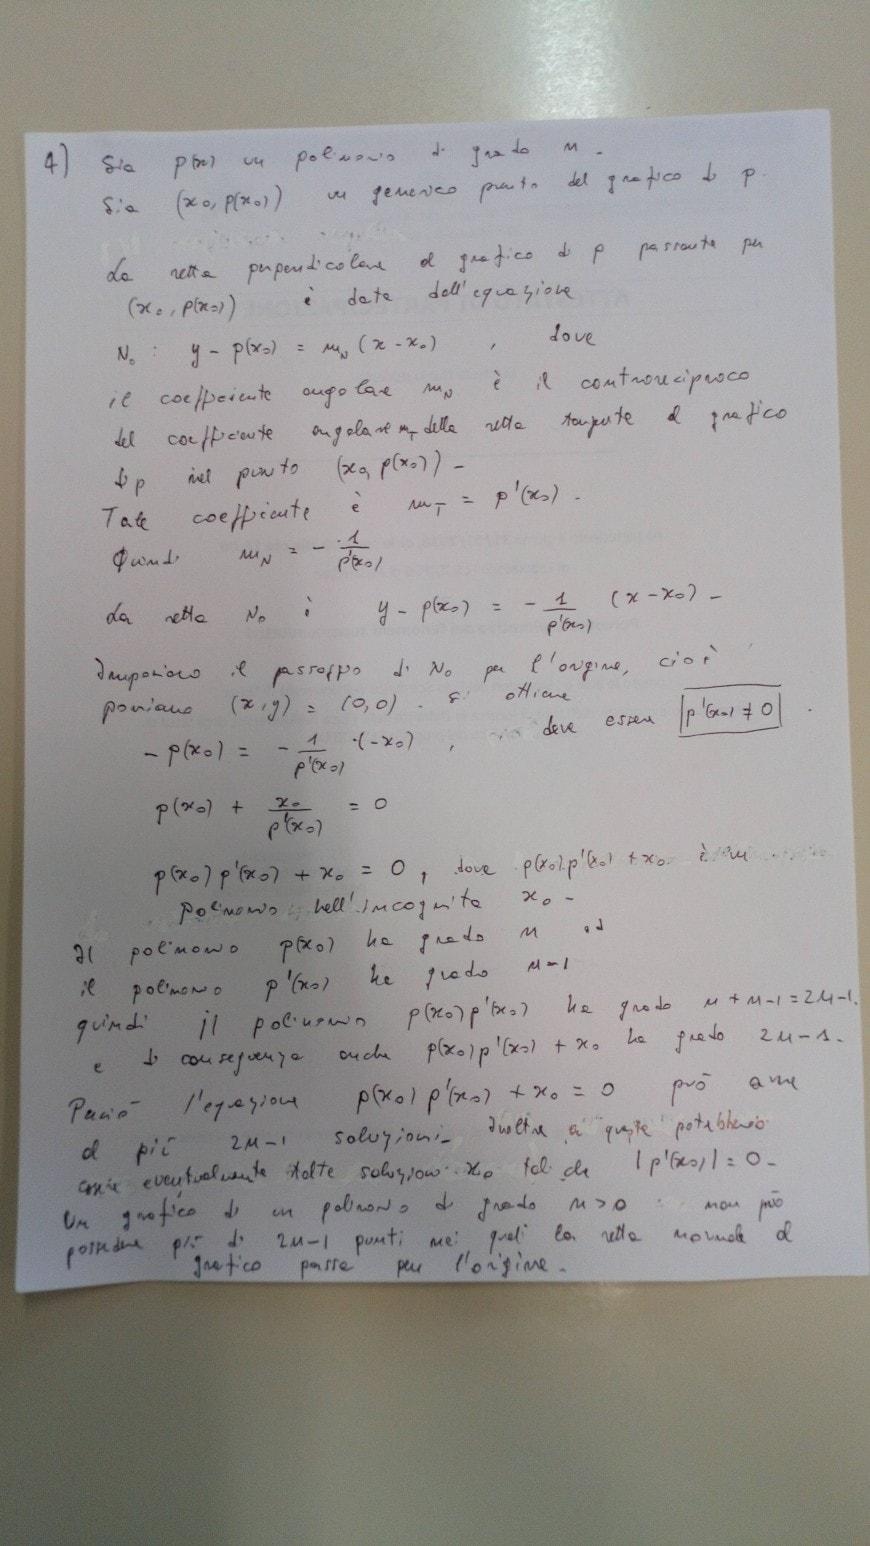 Soluzione problema 2 punto 4-a - seconda prova scientifico maturità 2018